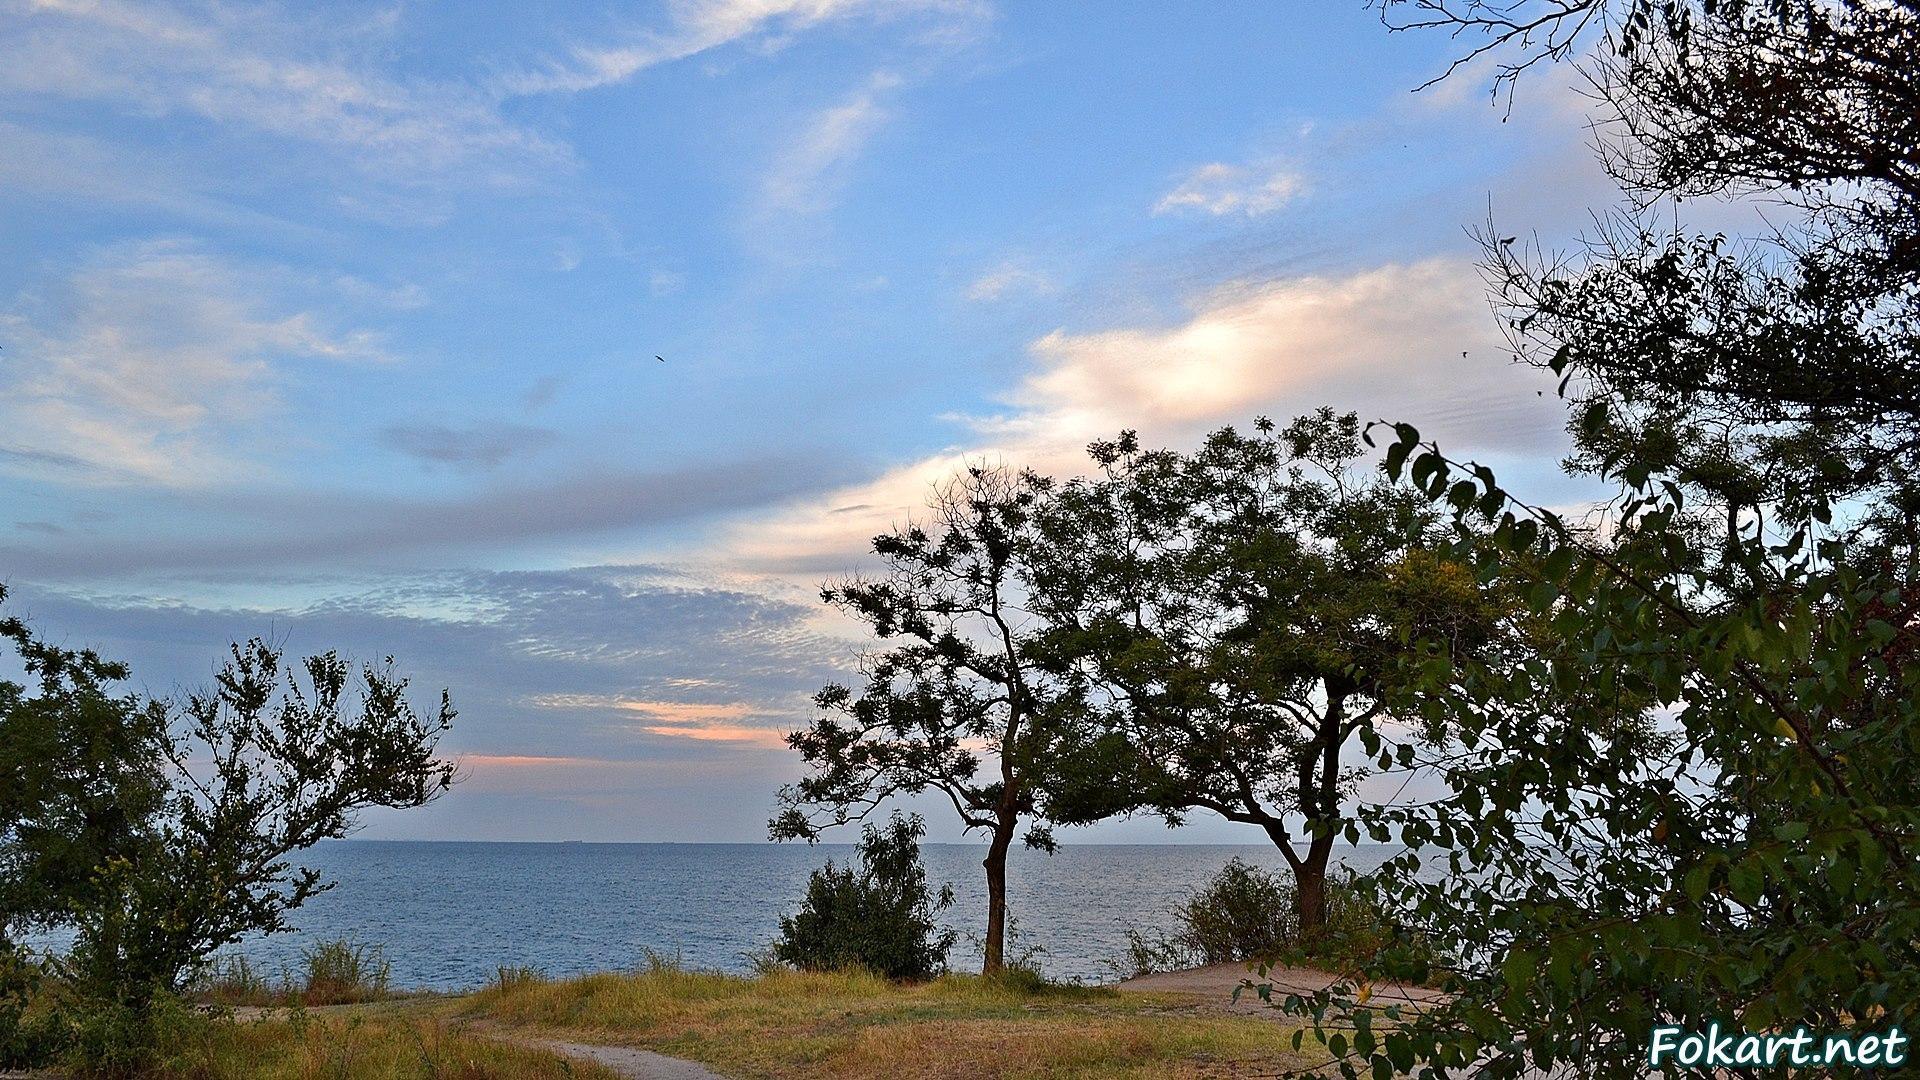 Деревья, пожелтевшая трава, живописное небо и морской горизонт